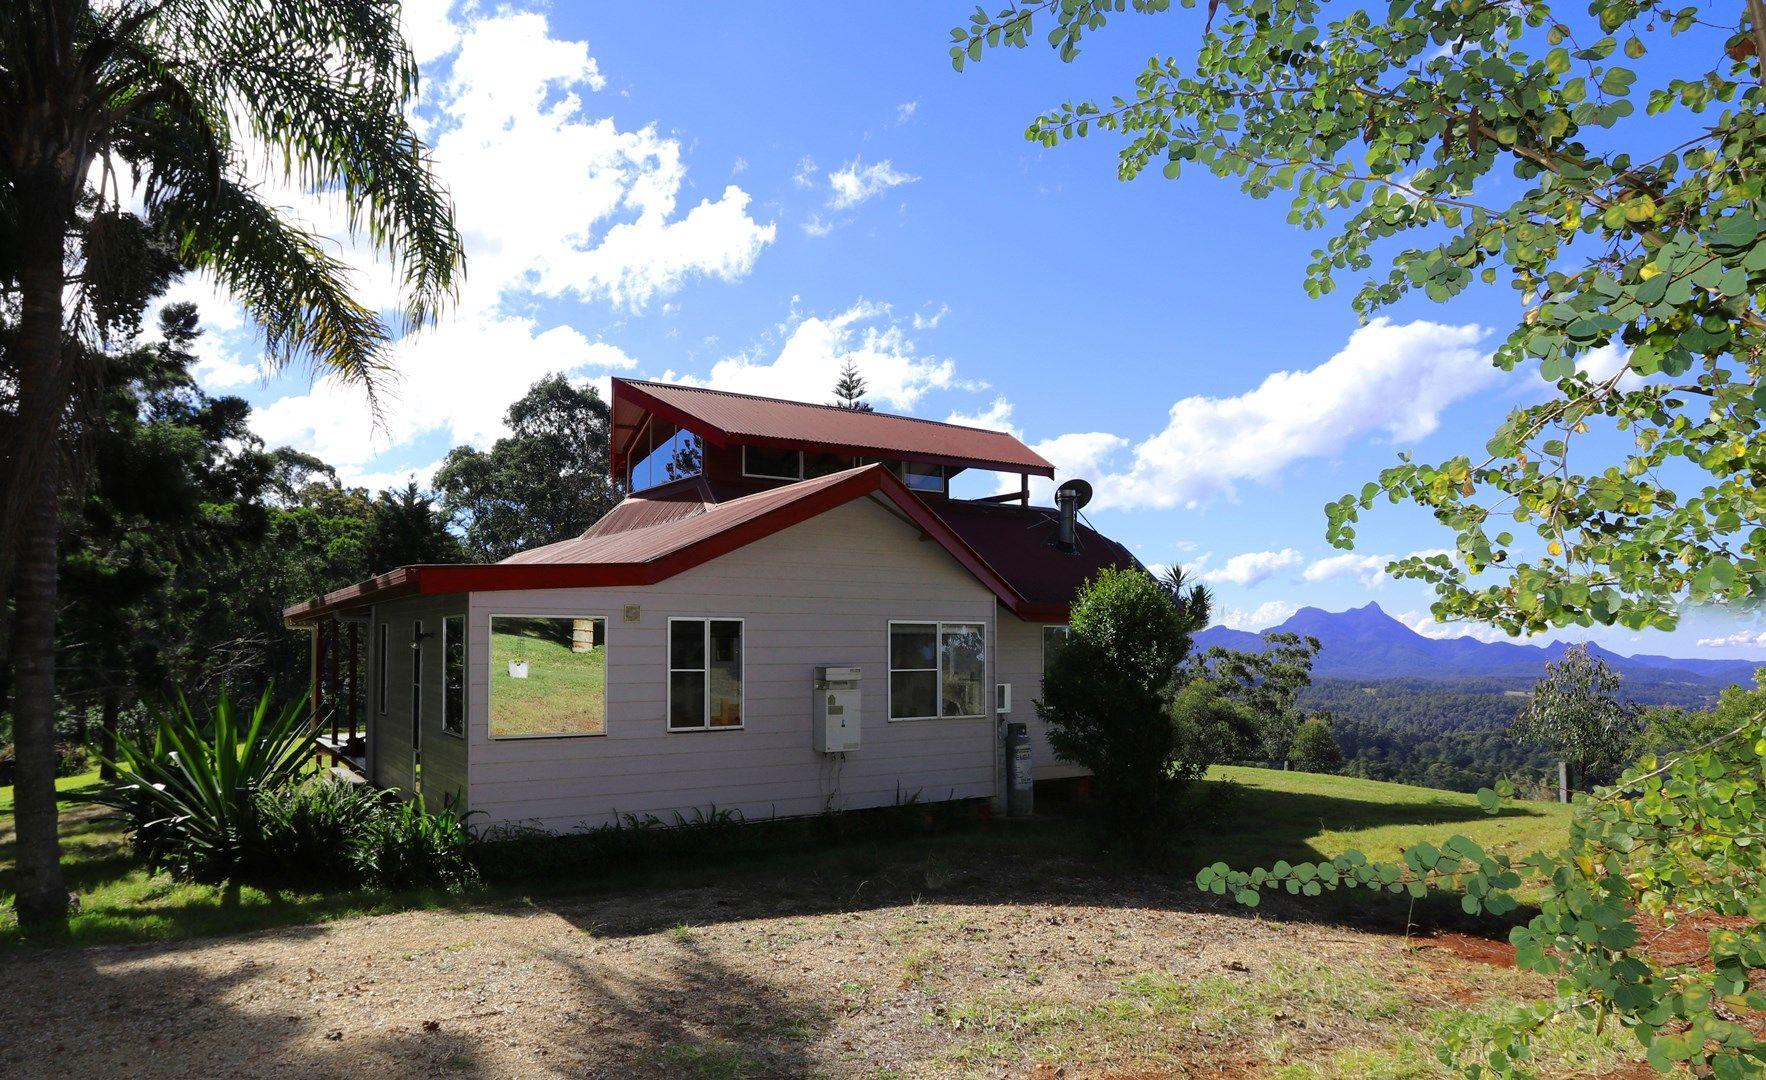 4119 Kyogle Rd, Nimbin NSW 2480, Image 0